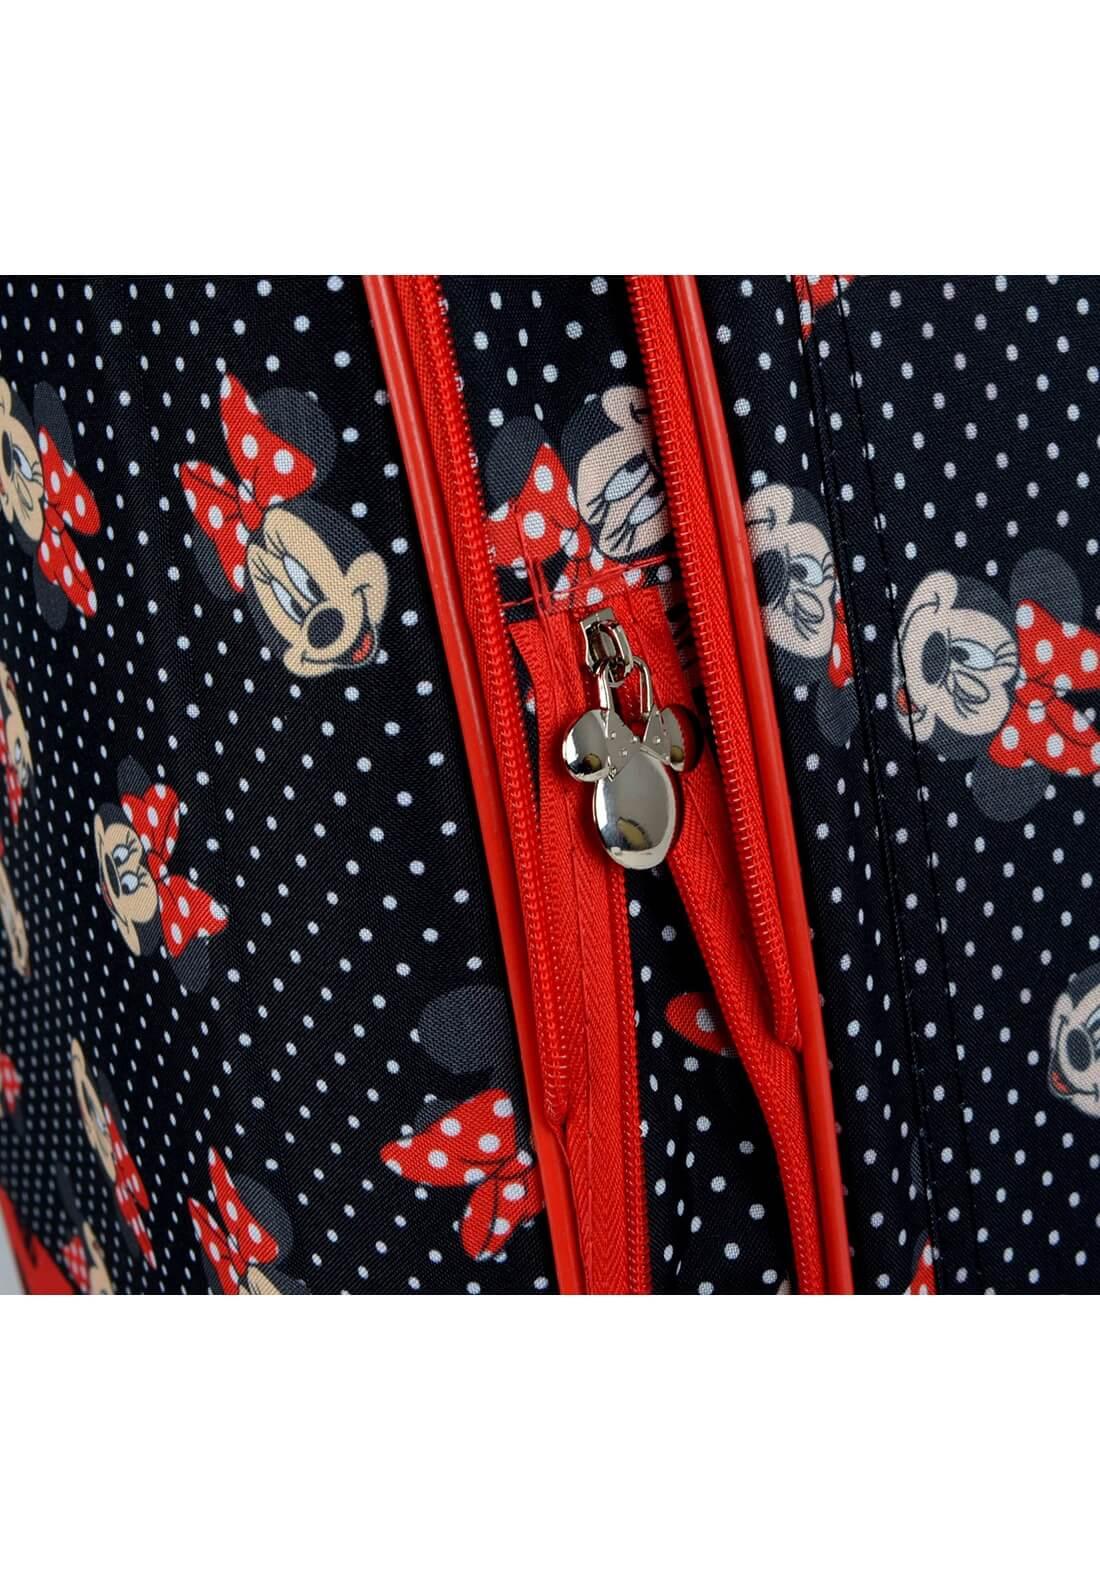 Mala Disney Minnie Mouse Vermelha P Bordo Preta e Vermelha